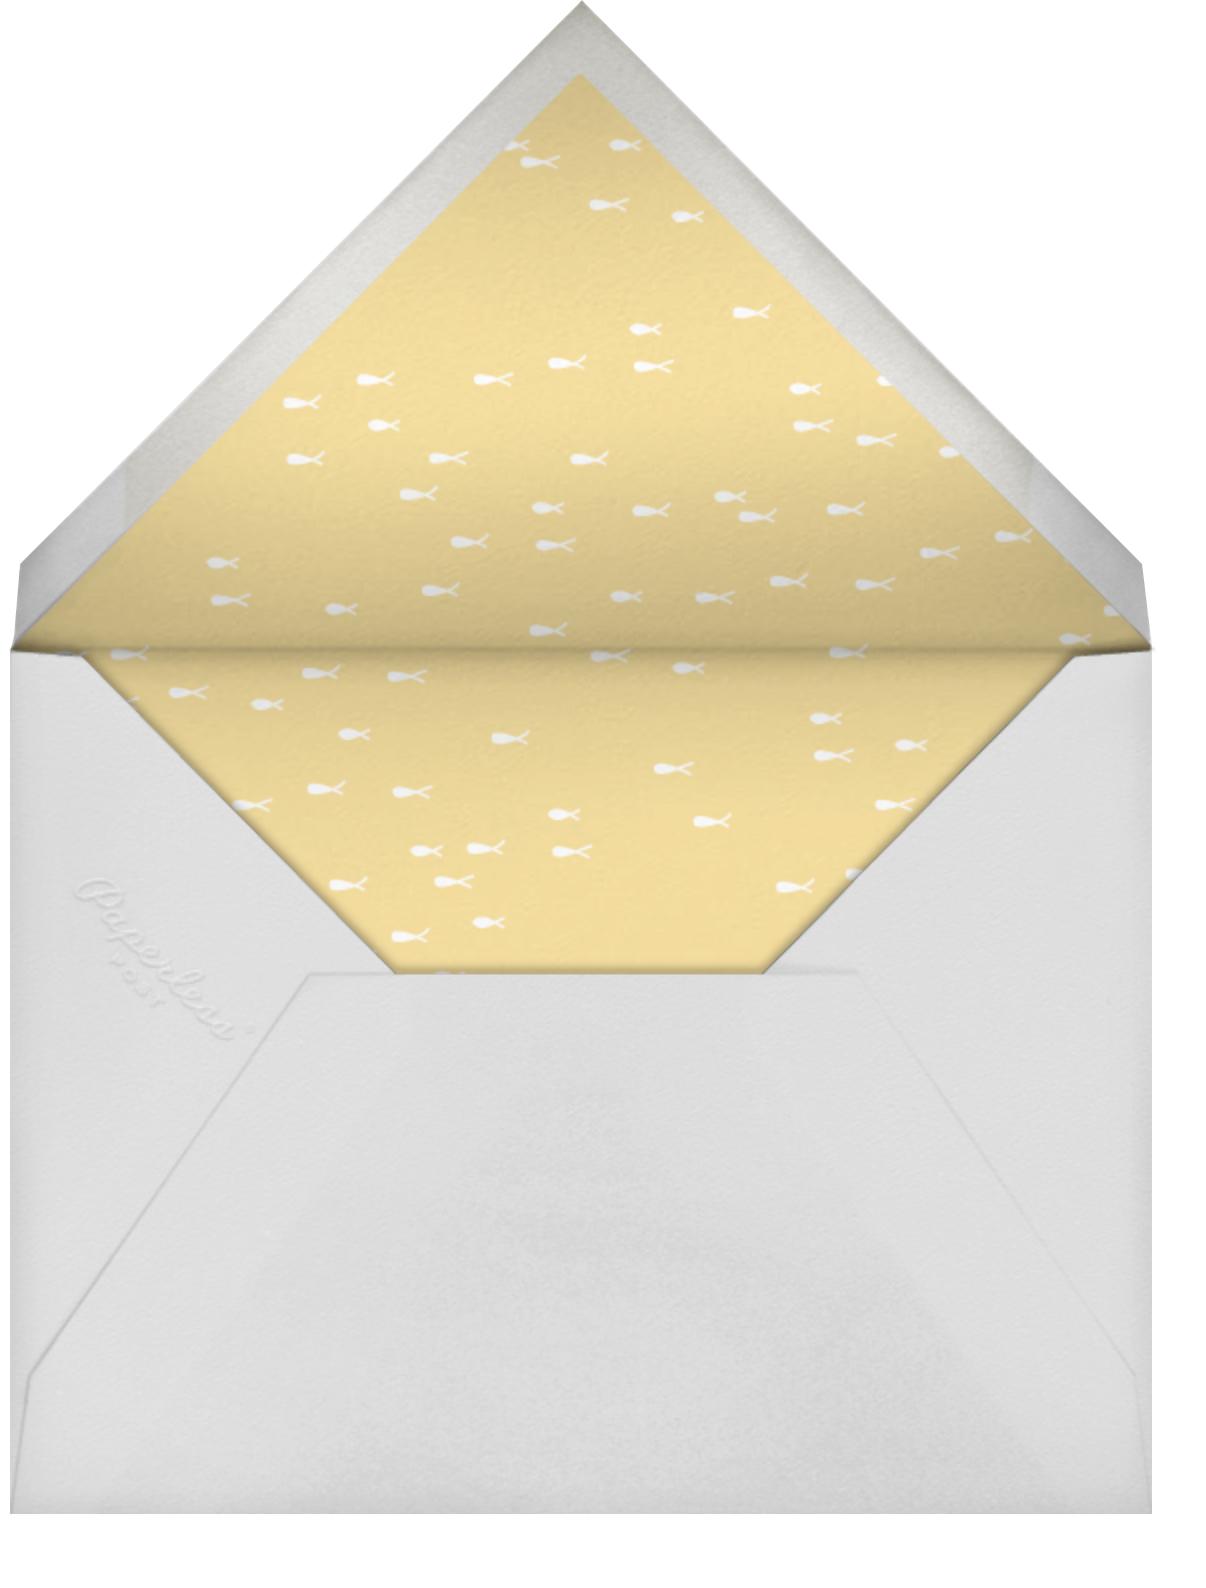 Inner Tube - Paperless Post - Beach party - envelope back